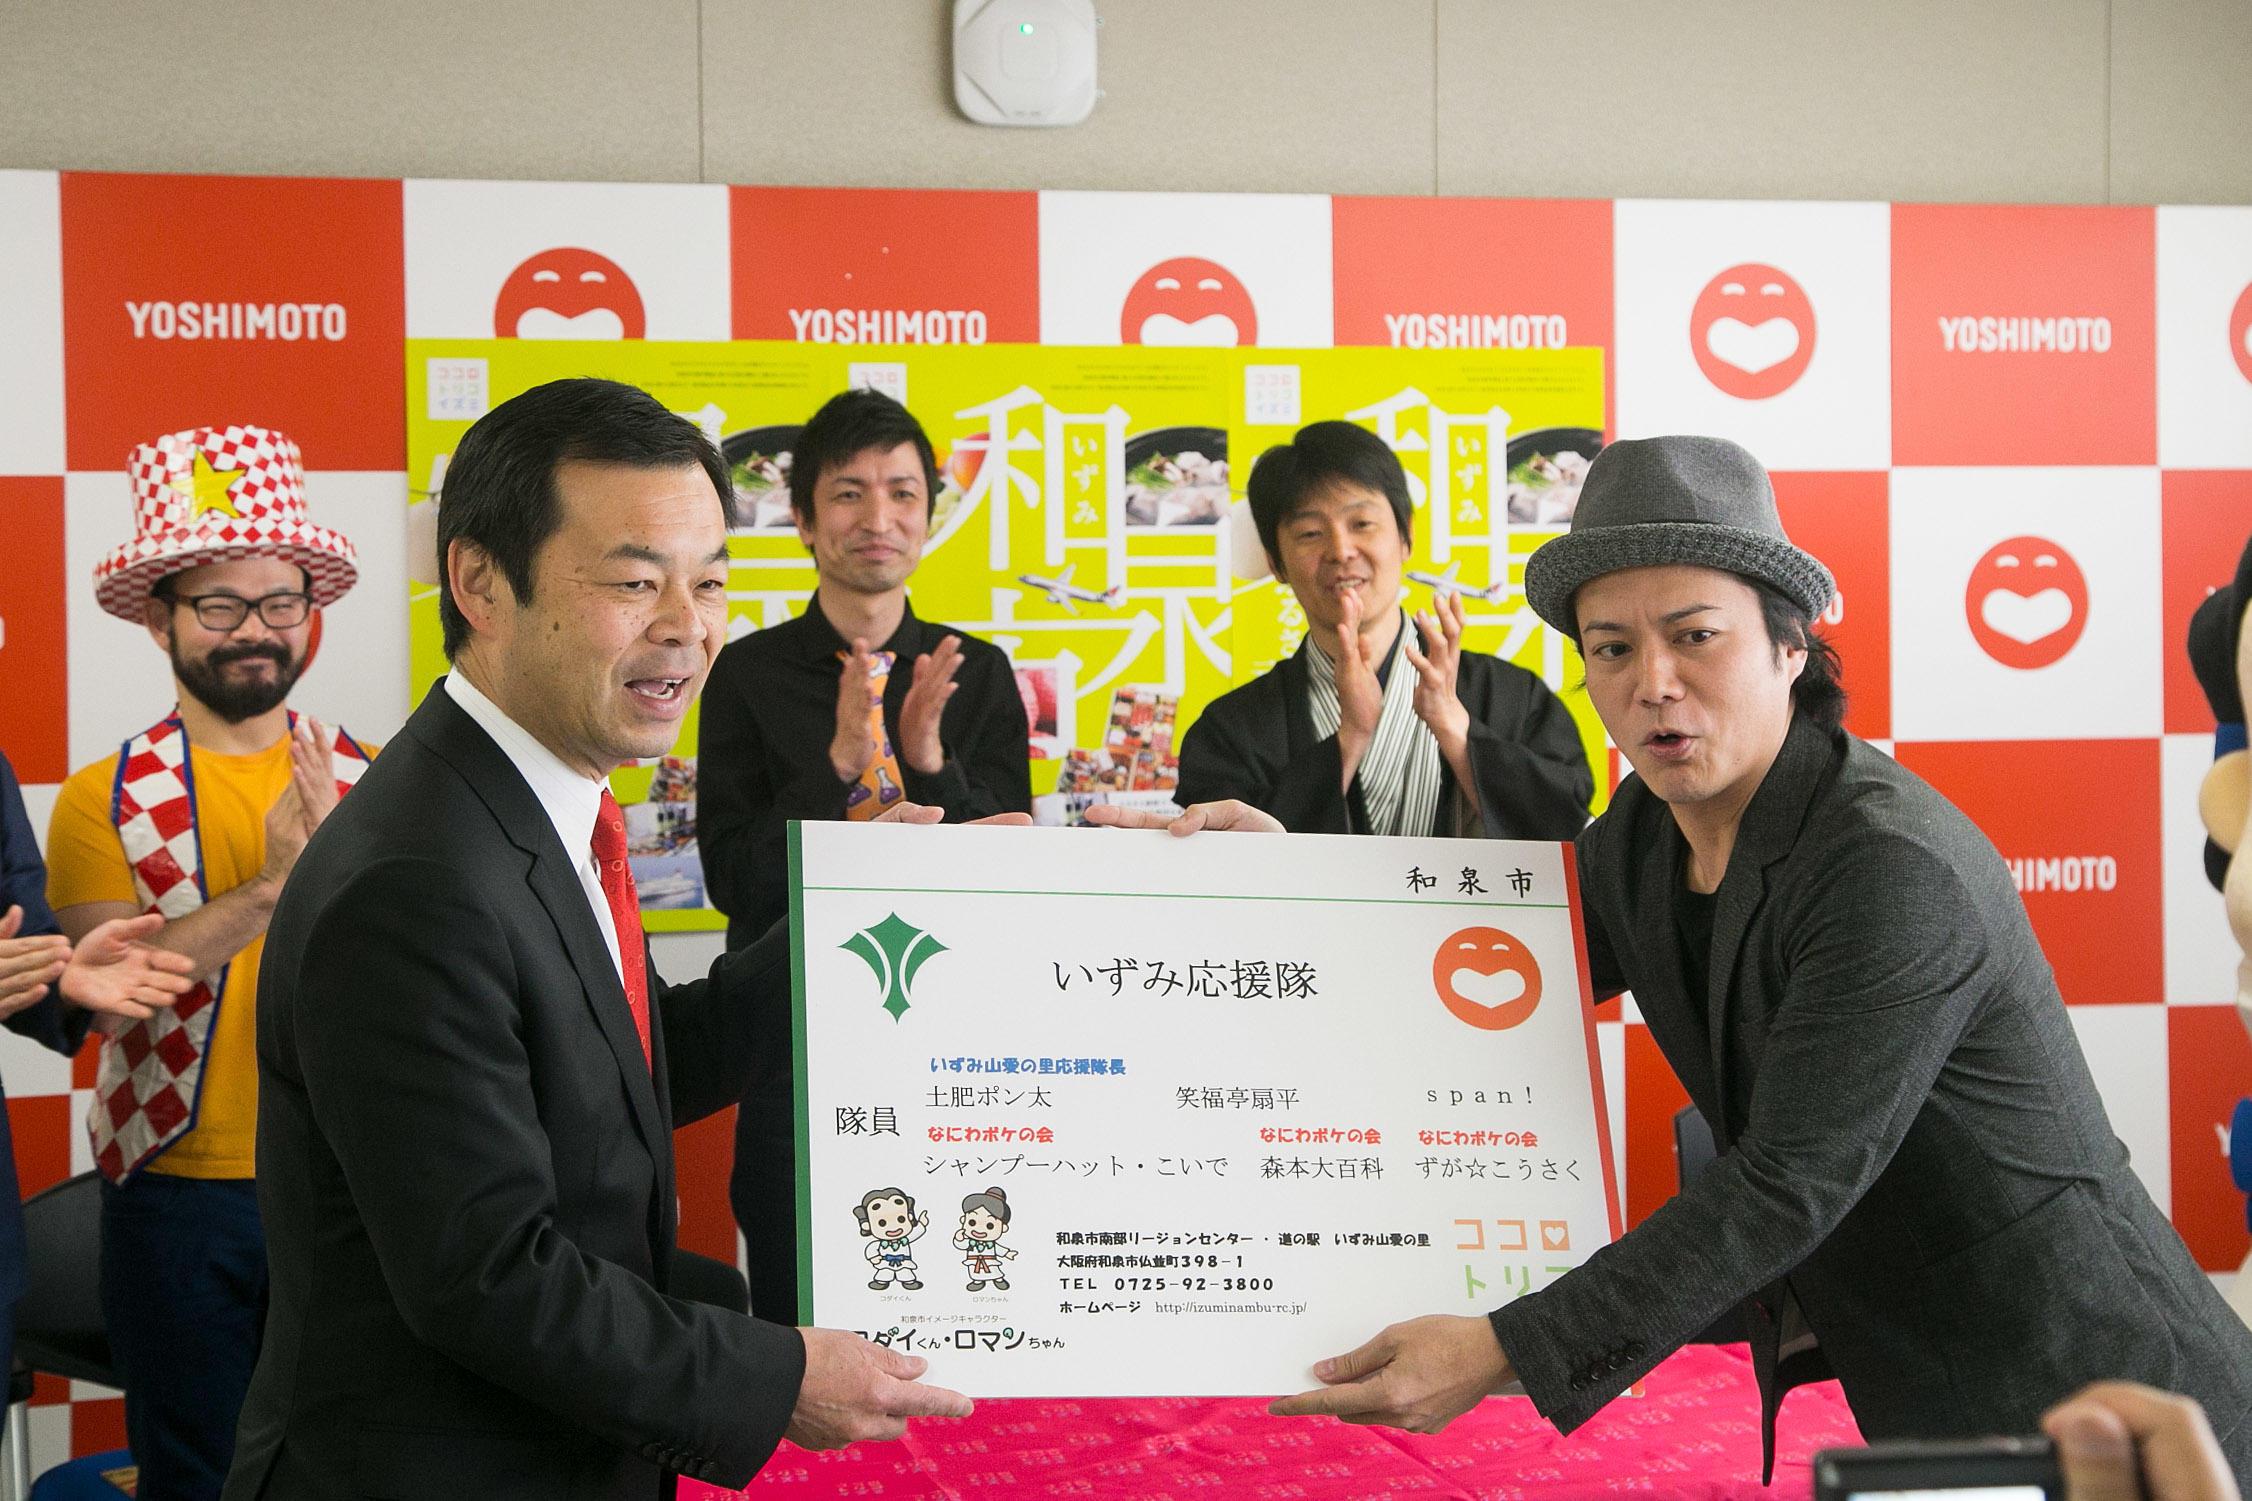 http://news.yoshimoto.co.jp/20180410140816-0a473fa0f50cbacfd28e0d87e9fc67d39469e81f.jpg